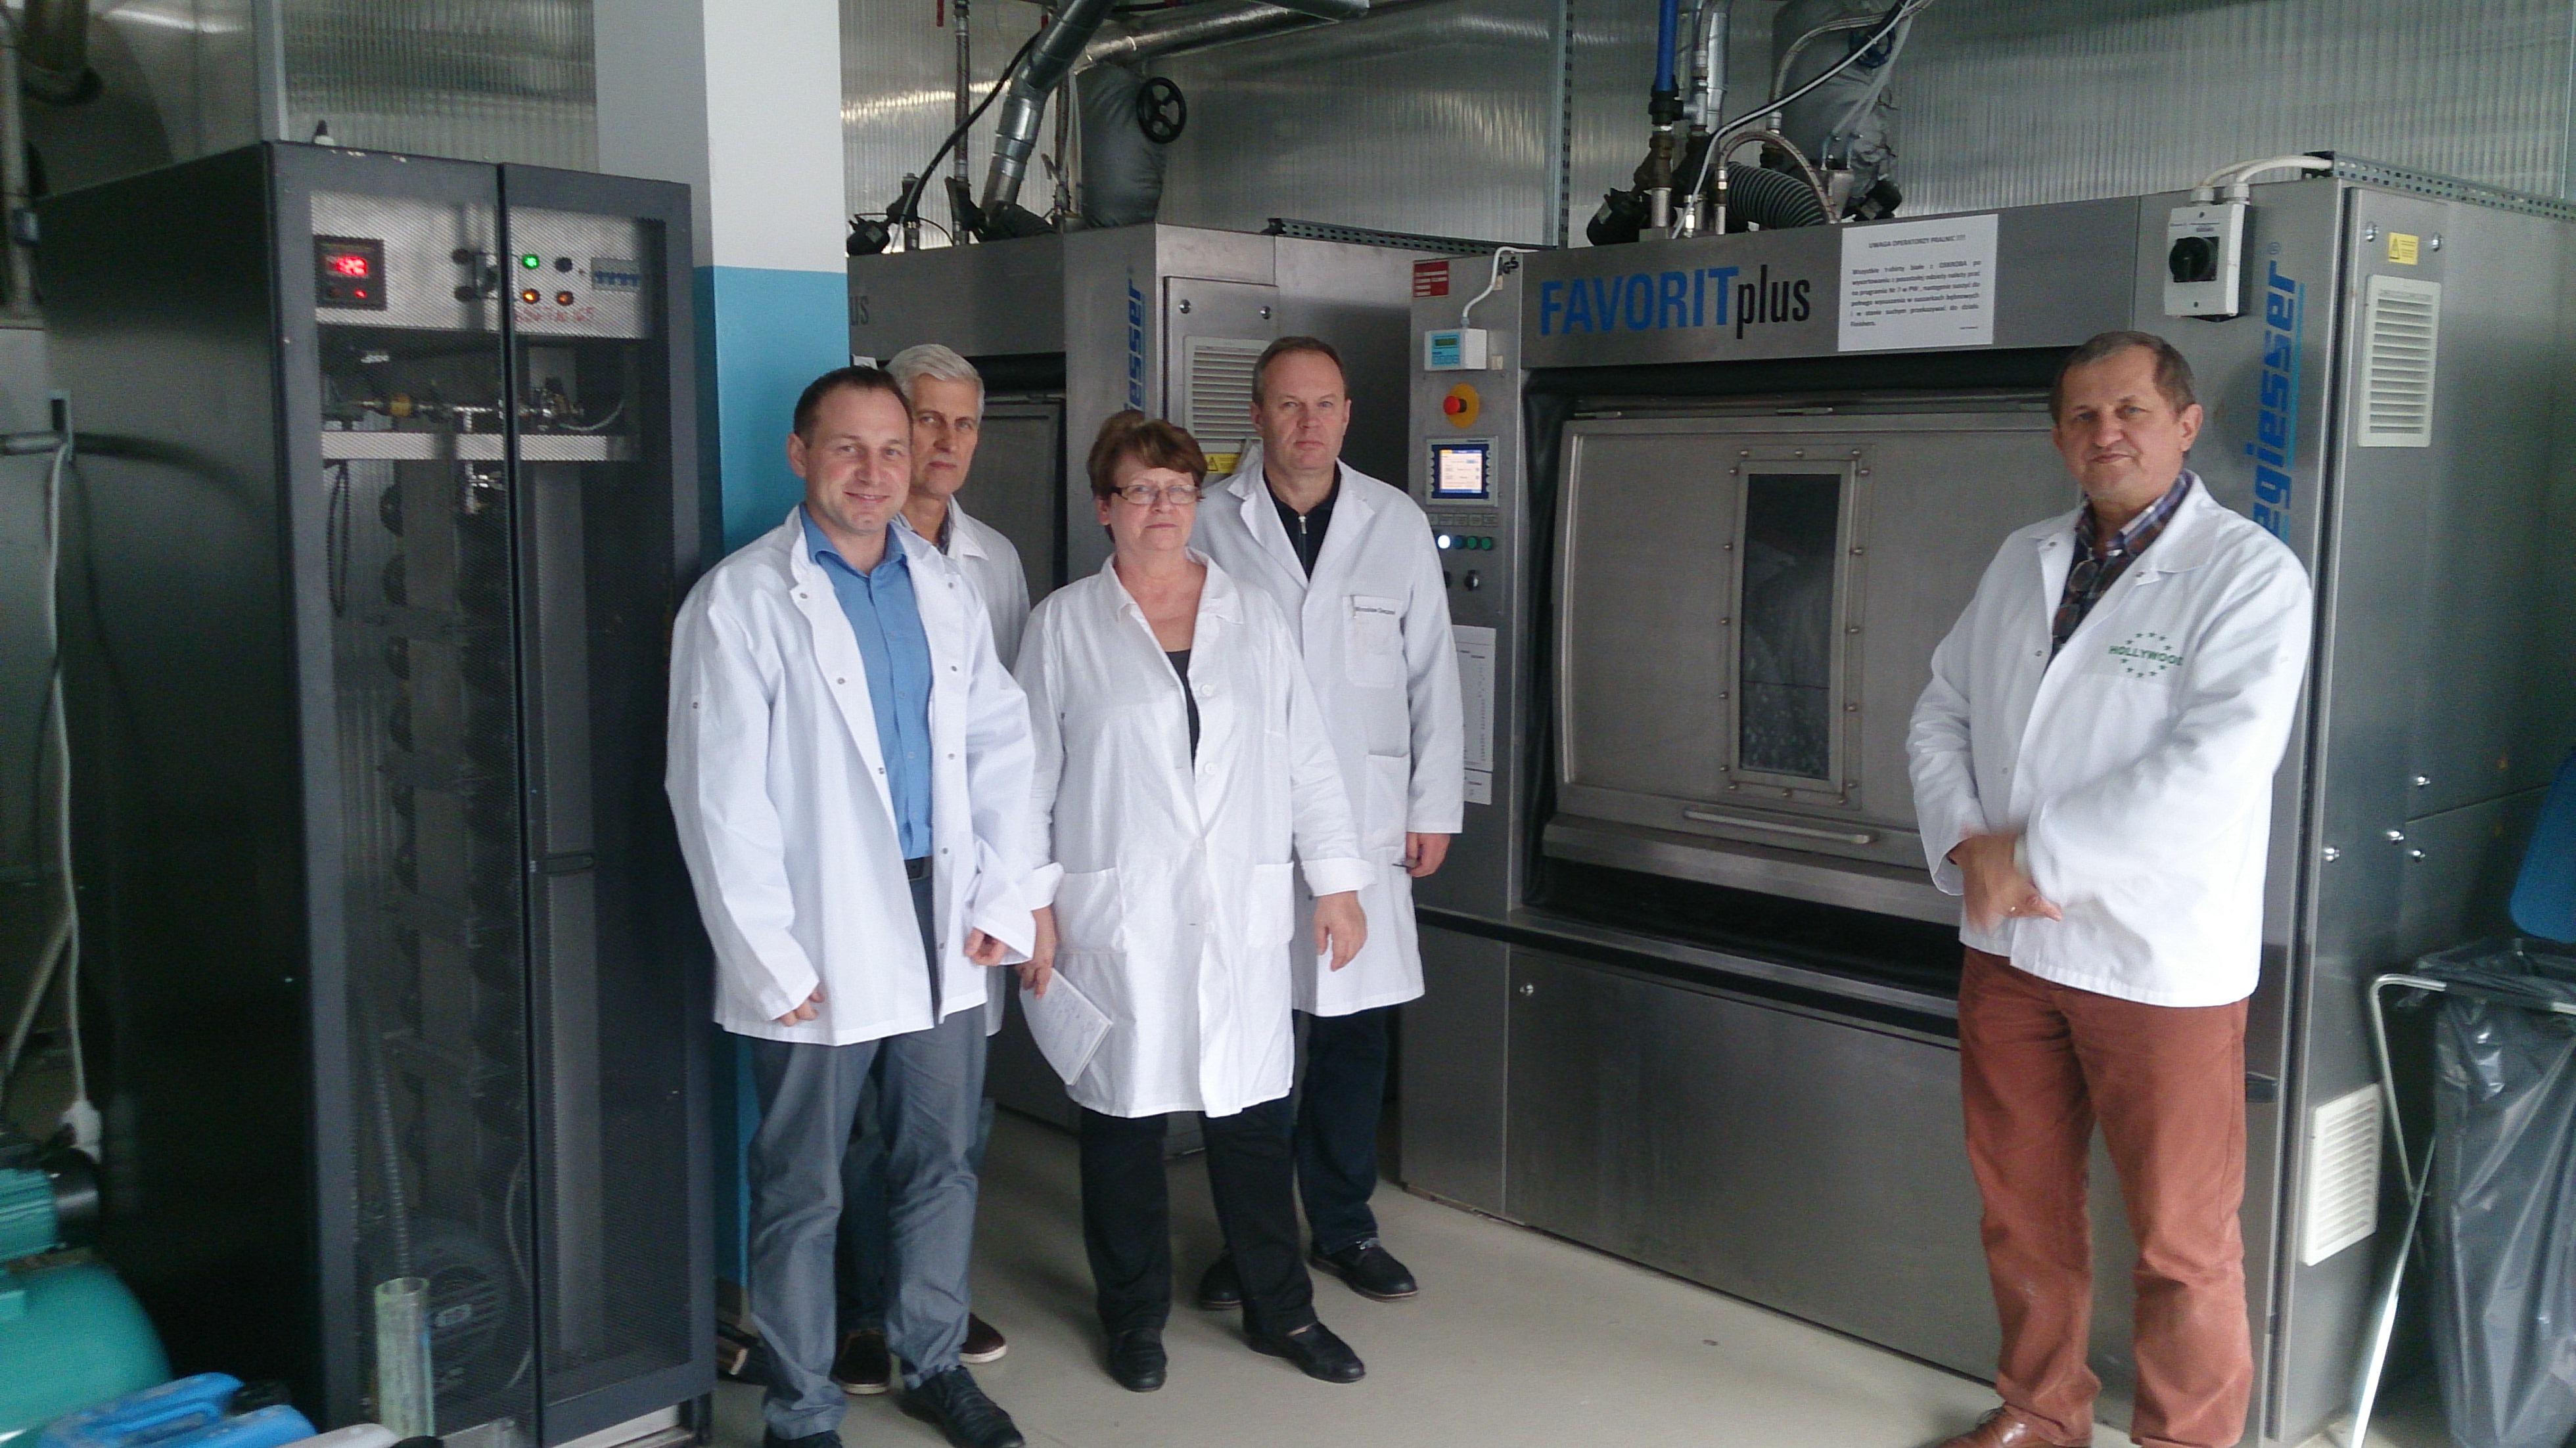 Zobacz - Nowy proekologiczny proces prania przemysłowego z zastosowaniem nanotechnologii